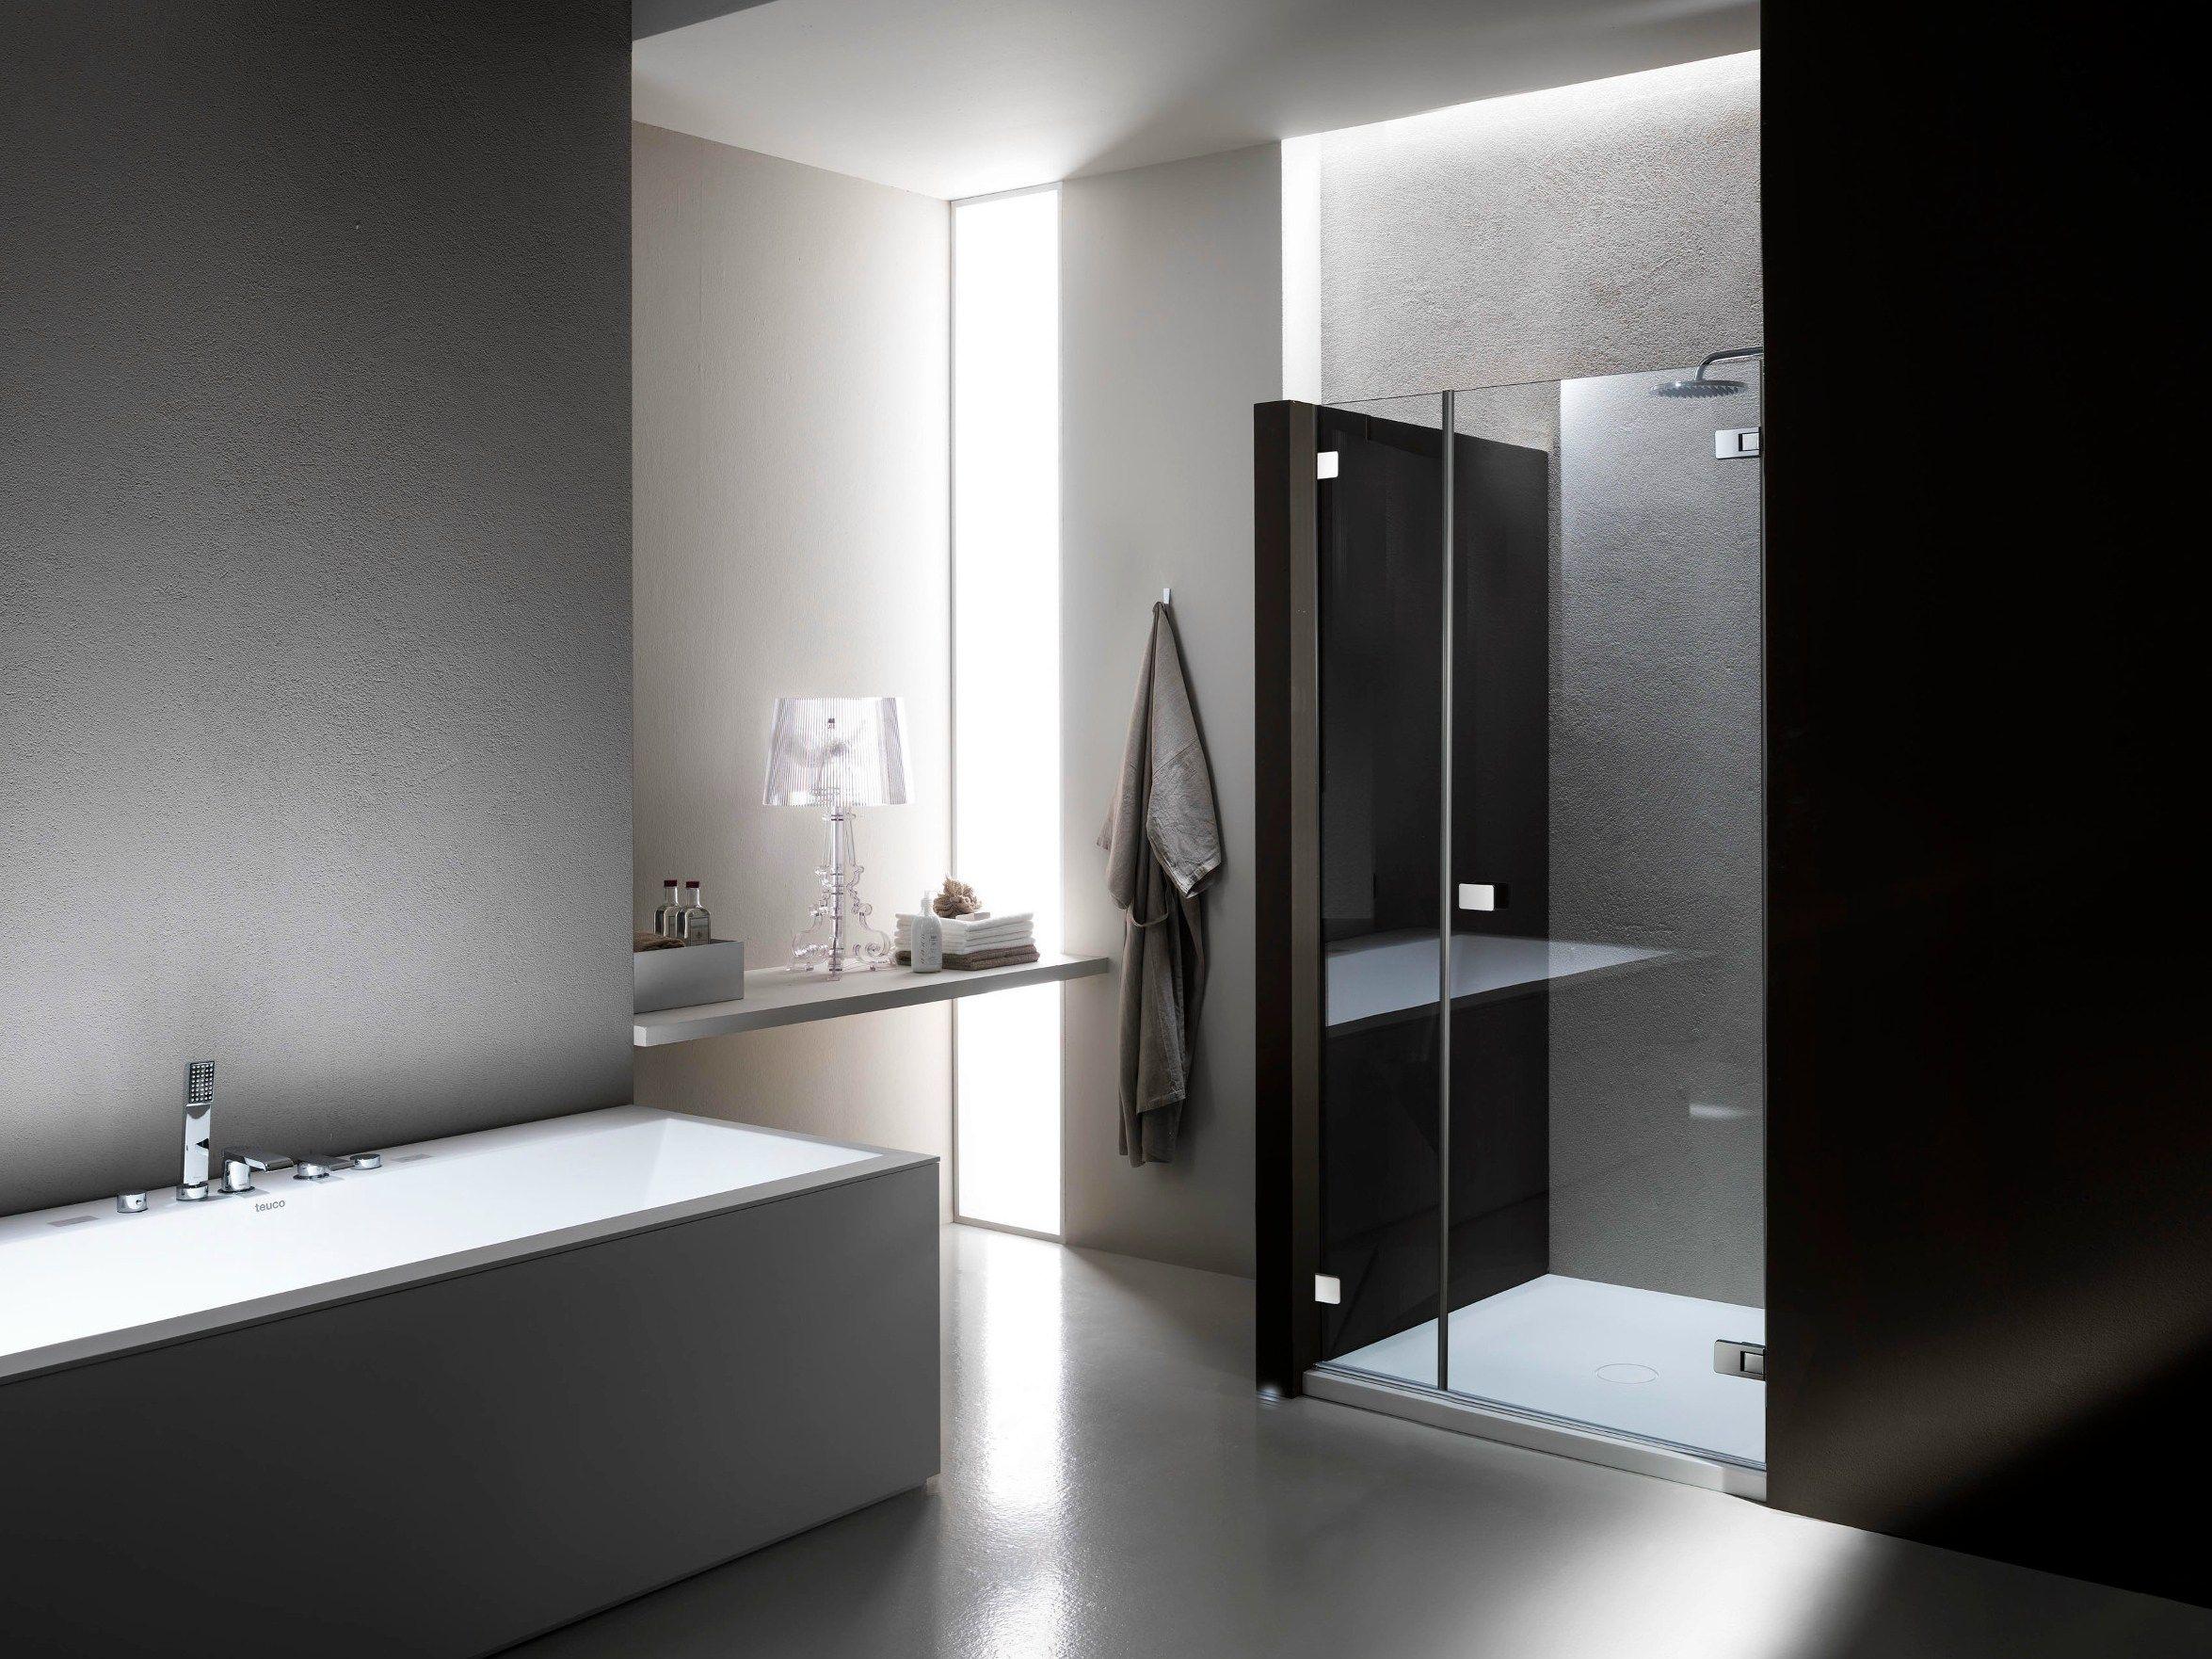 Vetro x doccia boiserie in ceramica per bagno - Illuminazione per doccia ...